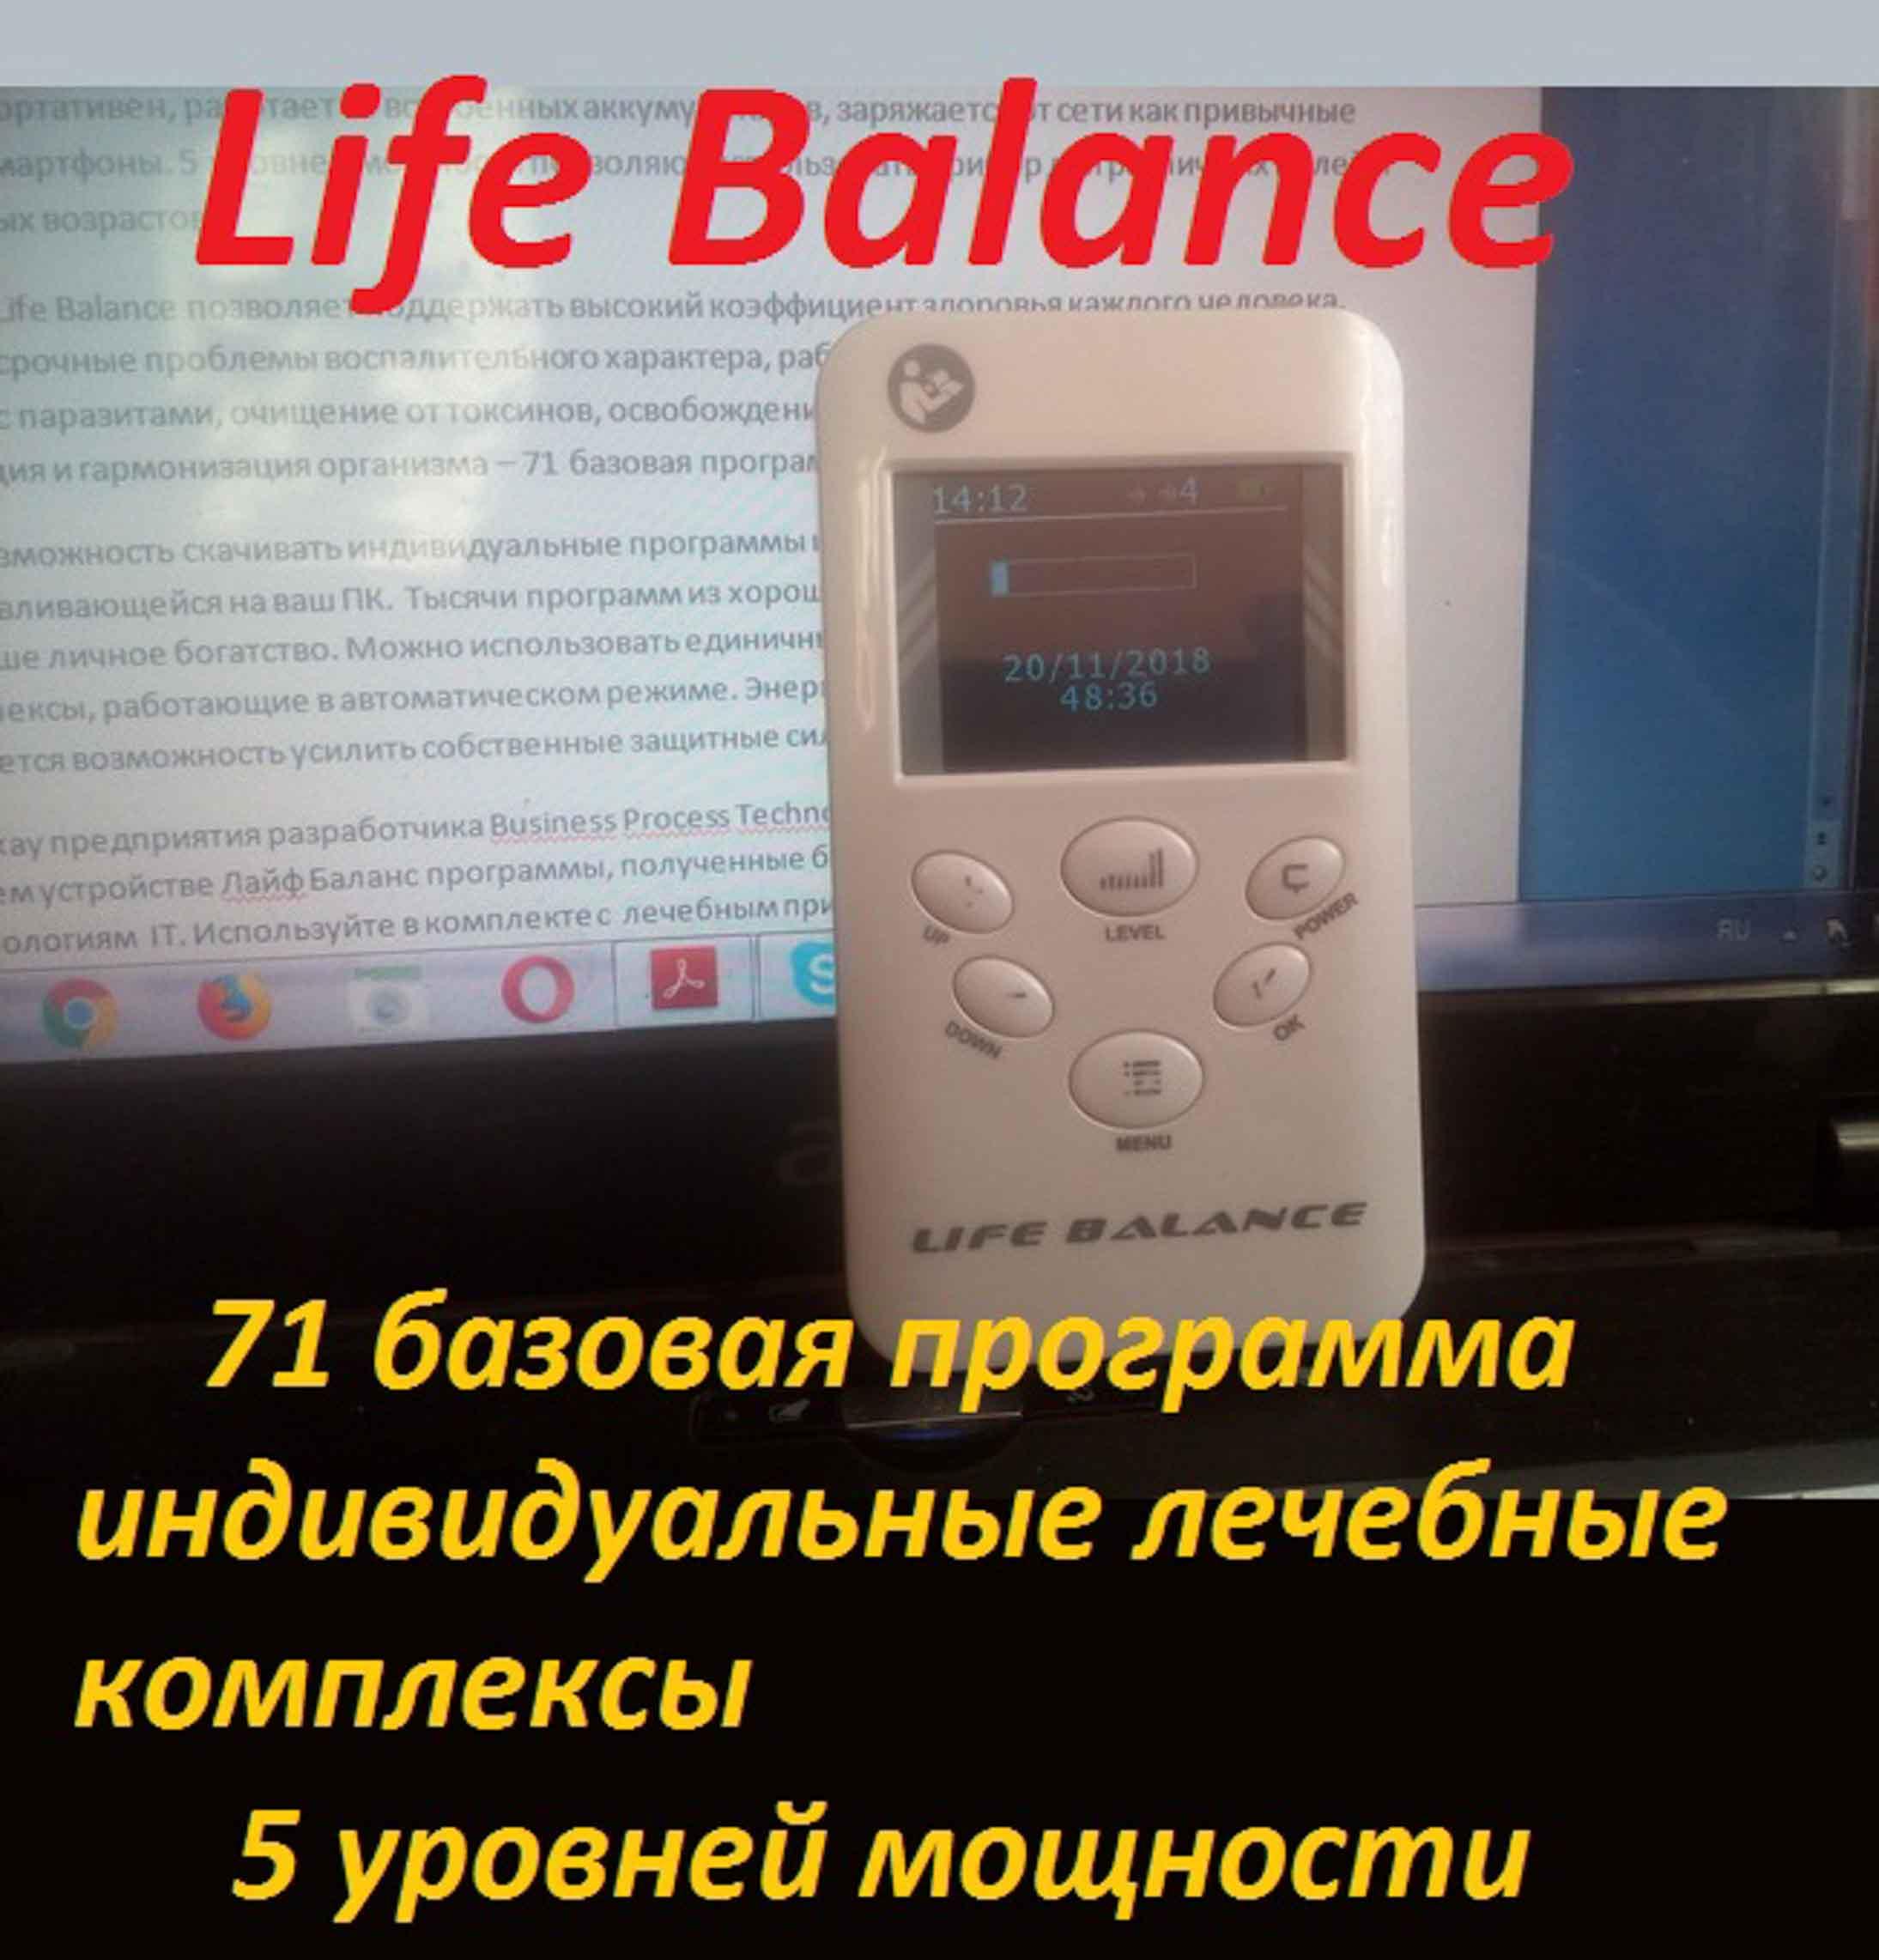 Биорезонансный прибор Life Balance для здоровья. фото 3